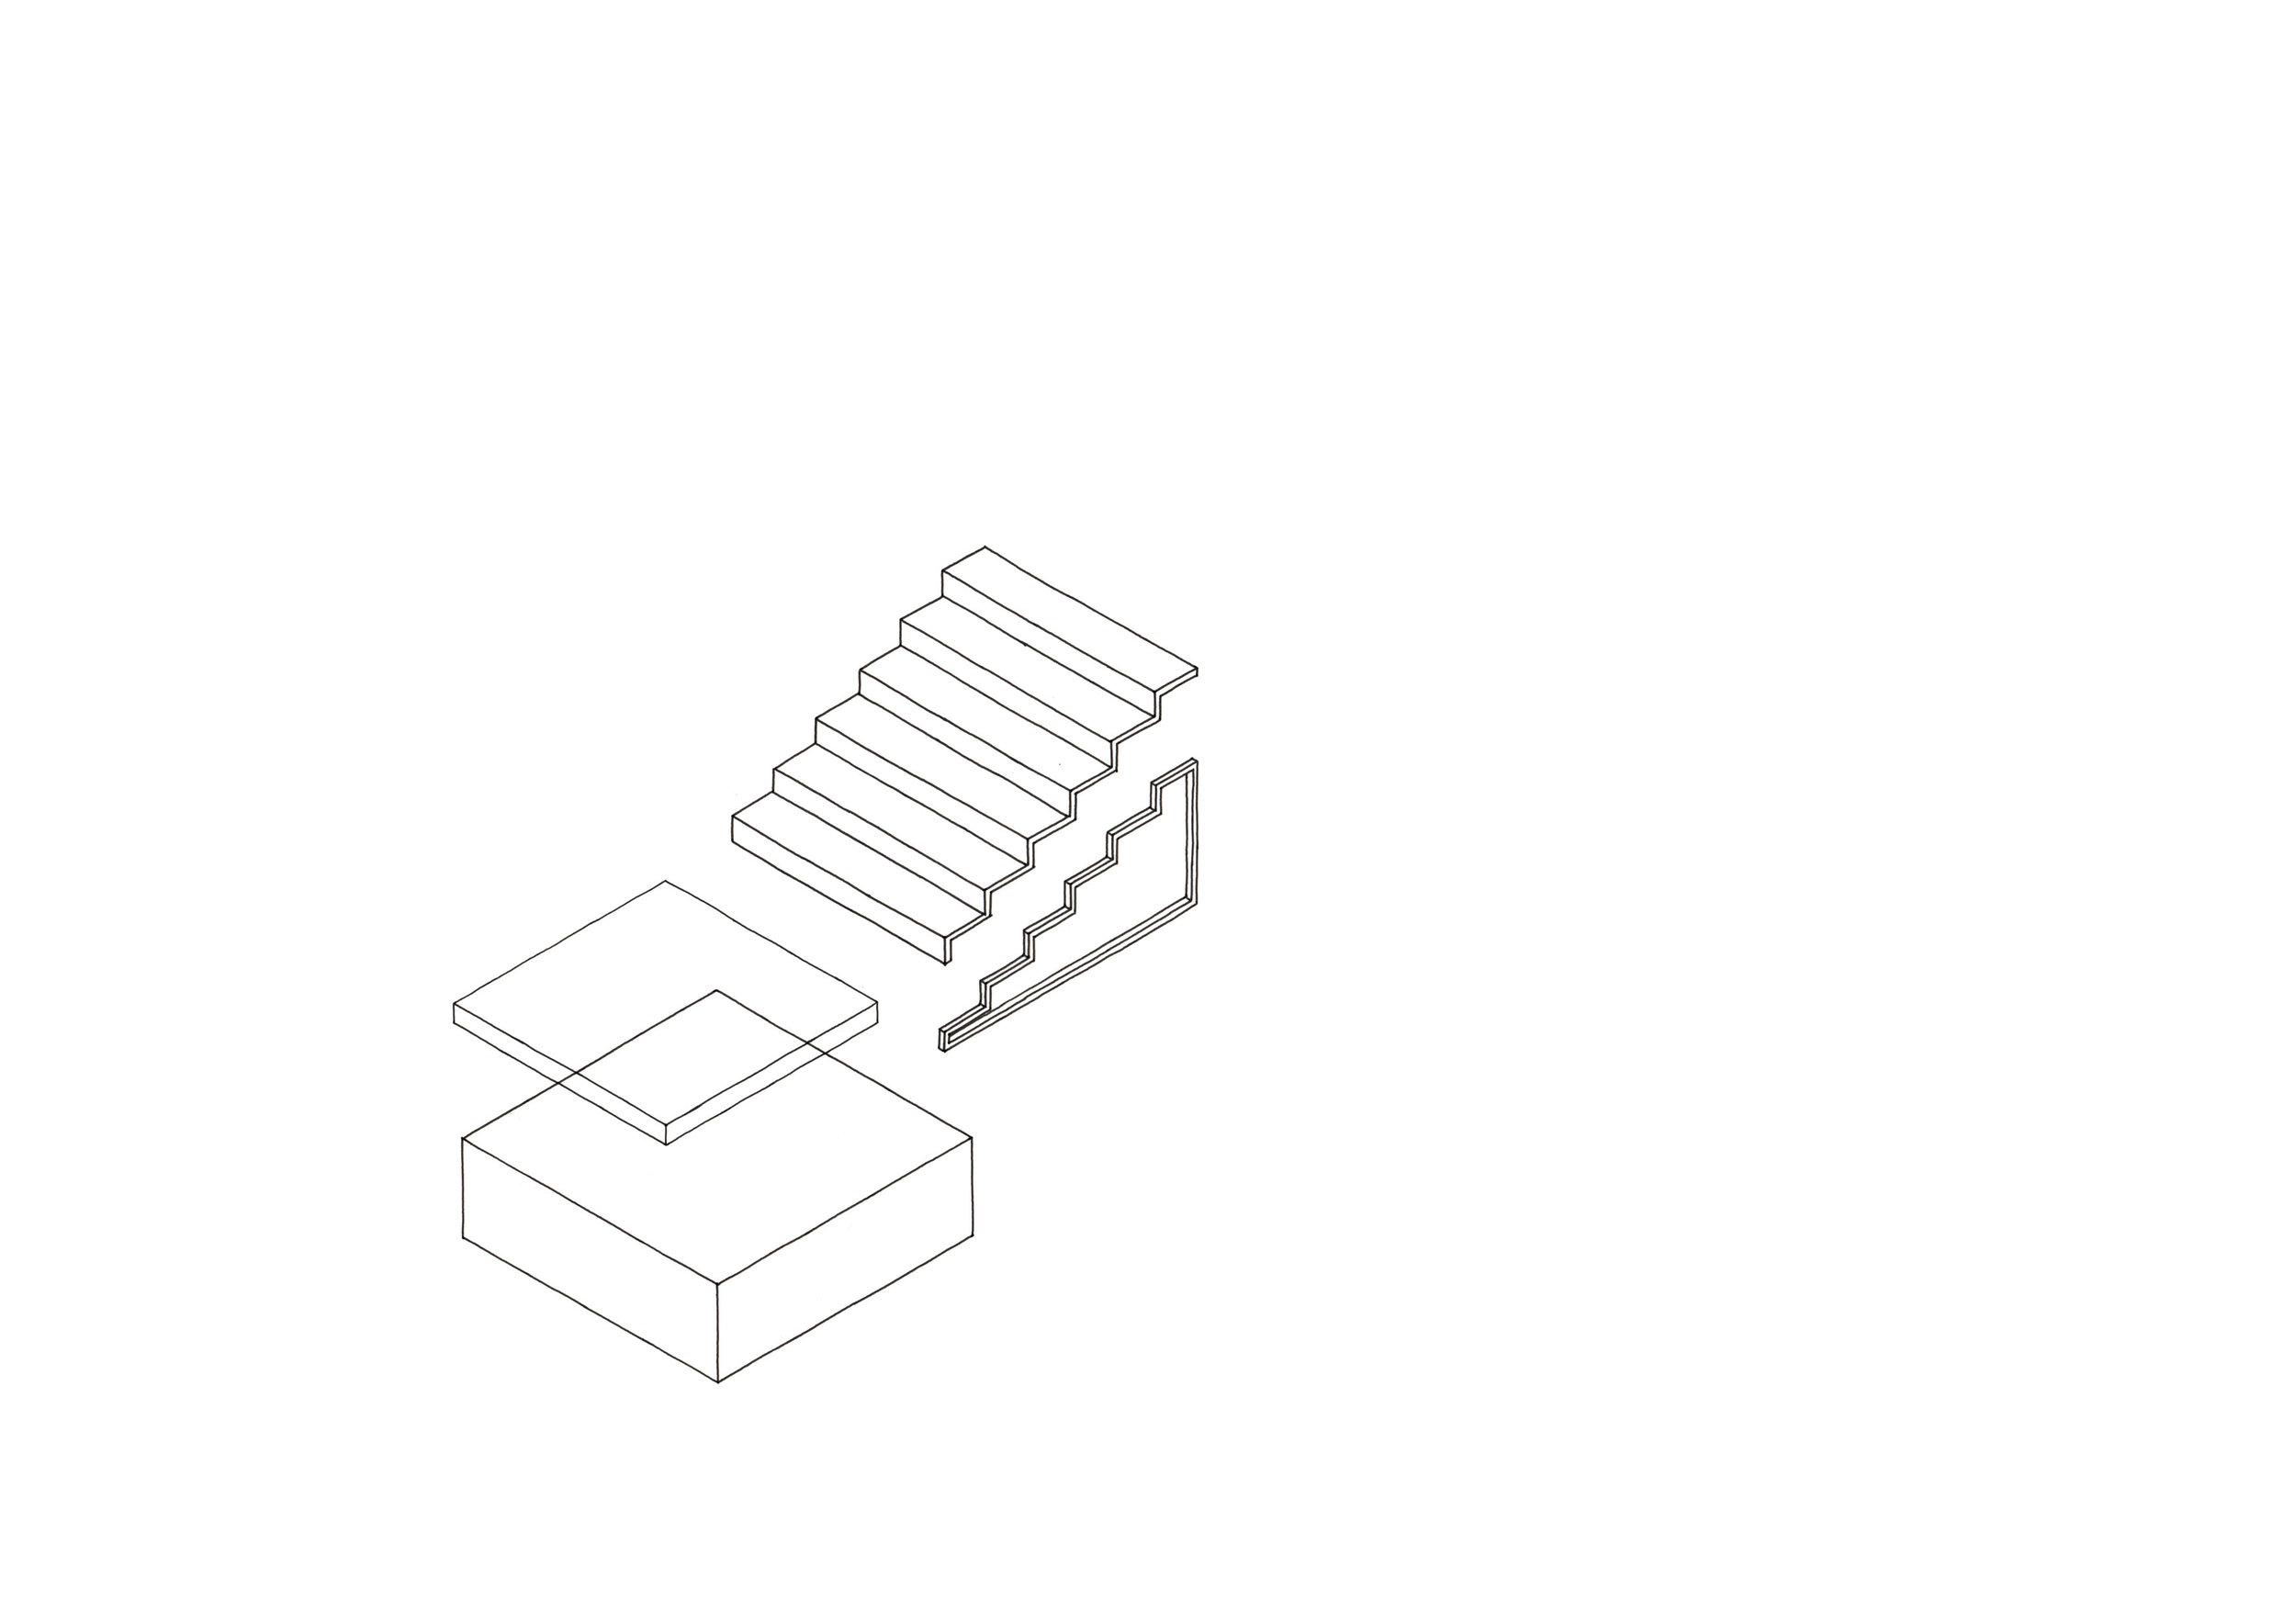 Parts-together-03.jpg